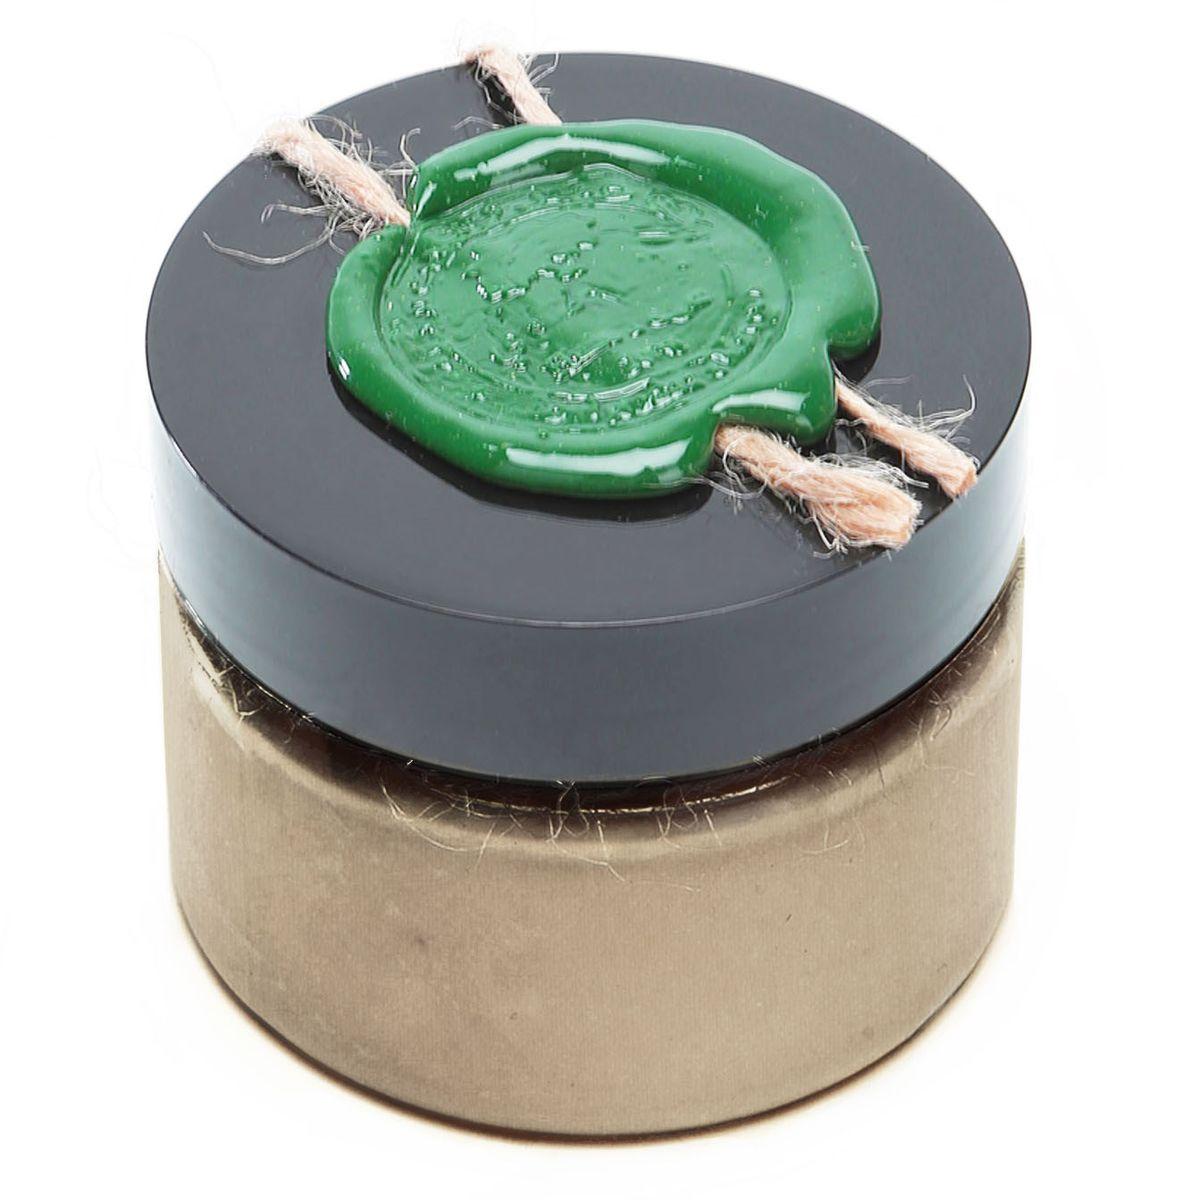 Huilargan Марокканская глина гассул в порошке серая, 100 г2990000004598Марокканская глина гассул Huilargan – это 100% чистый и натуральный продукт, богатый железом и микроэлементами. Марокканская глина гассул активно используется в СПА процедурах для грязевых ванн и обертывания. Гассул является также идеальной маской для жирной кожи и волос. Используется как шампунь или очень мягкое мыло, так как обладает очищающим и смягчающим свойствами, впитывает излишки кожного сала. Не содержит поверхностно-активных веществ и не разрушает защитную пленку кожи или защитную оболочку волос. - Глина 100% натуральная, богатая железом и микроэлементами; - идеальное средство для ухода за чувствительной кожей; - используется как шампунь или очень мягкое мыло; - сильные абсорбирующие и адсорбирующие свойства; - глубоко и бережно очищает; - впитывает излишки кожного сала и регулирует его секрецию; - тонизирует и сужает поры; - гипоаллергенна, поэтому подходит для всех типов кожи, даже для самой чувствительной; - оживляет кожу и волосы; -...